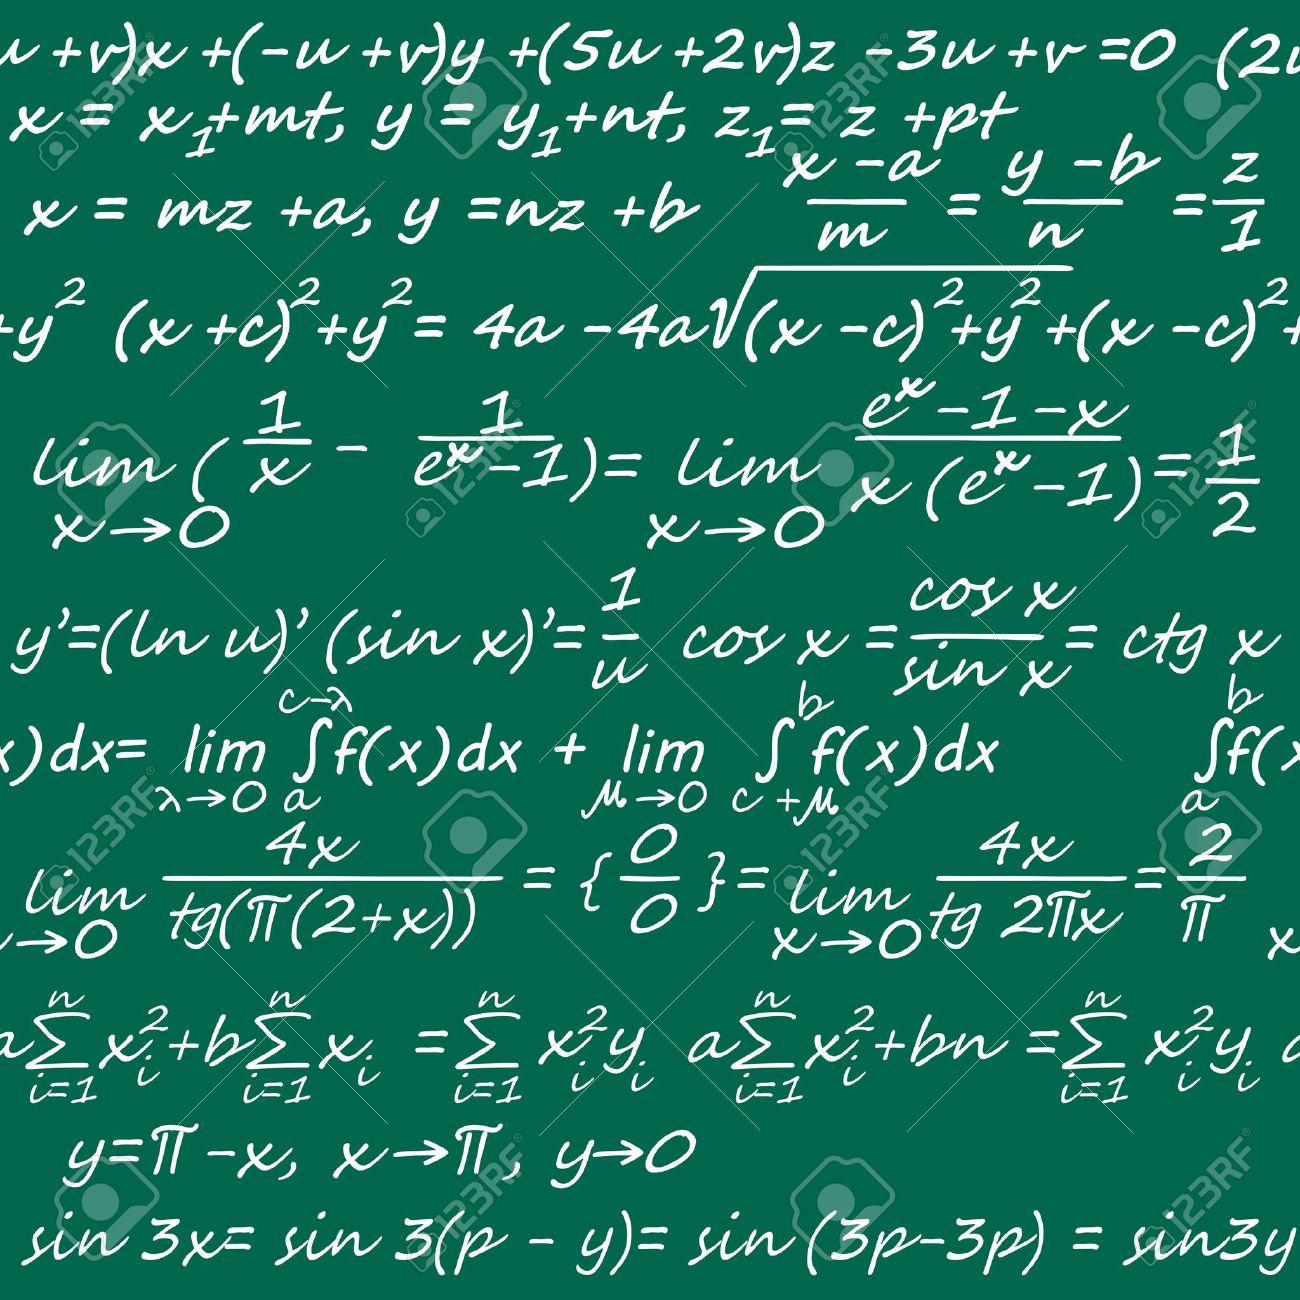 シームレス背景や壁紙のデザインのための数学記号でのイラスト素材